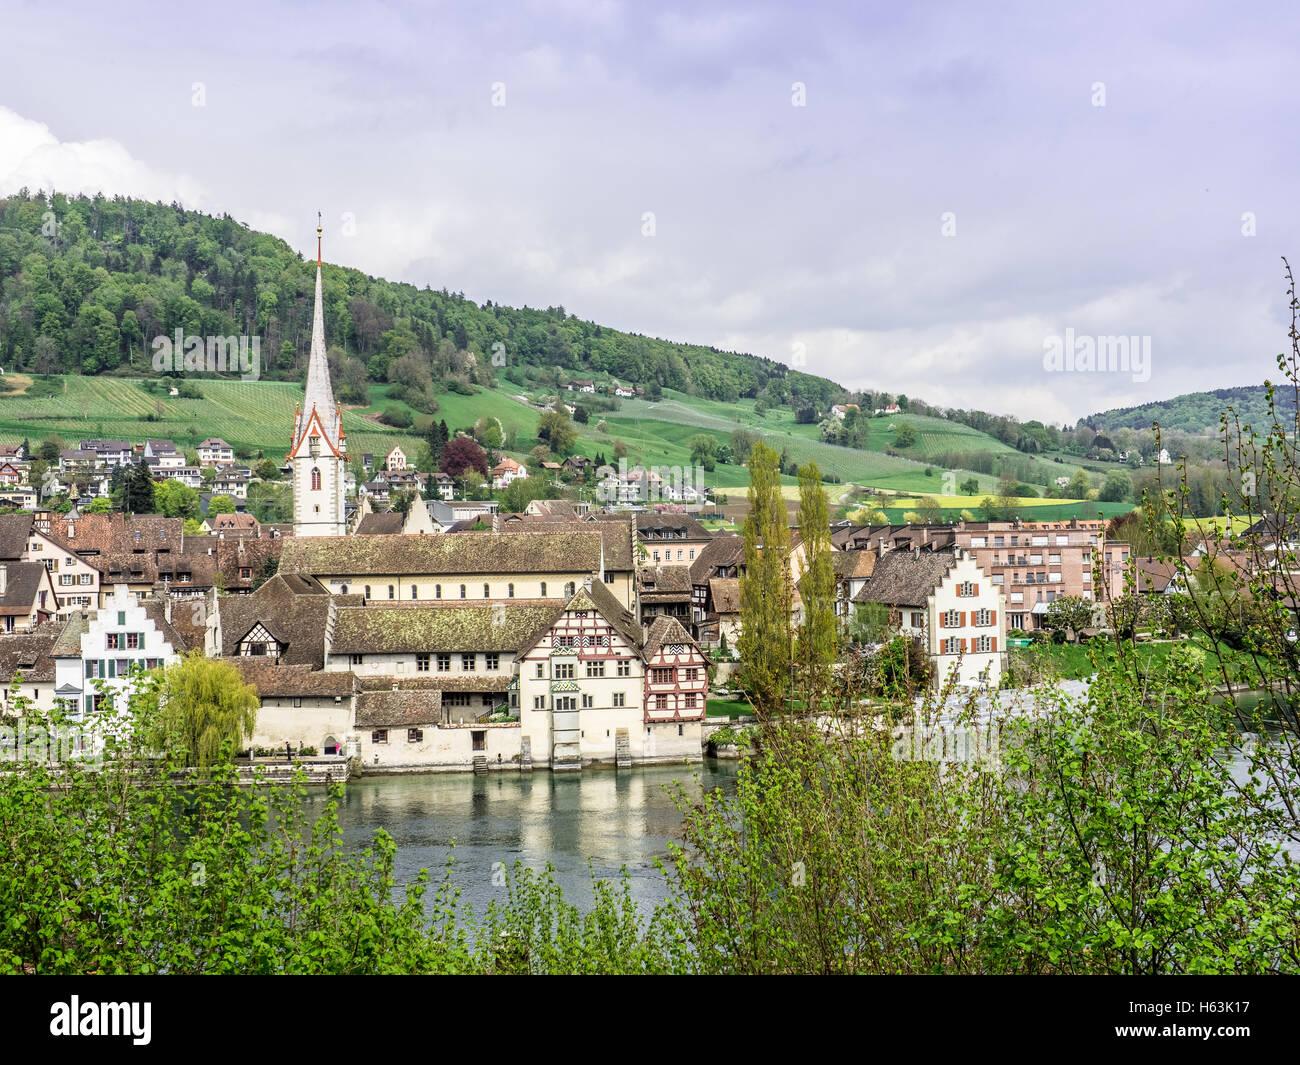 Picturesque skyline of the village of Stein am Rhein - 1 Stock Photo